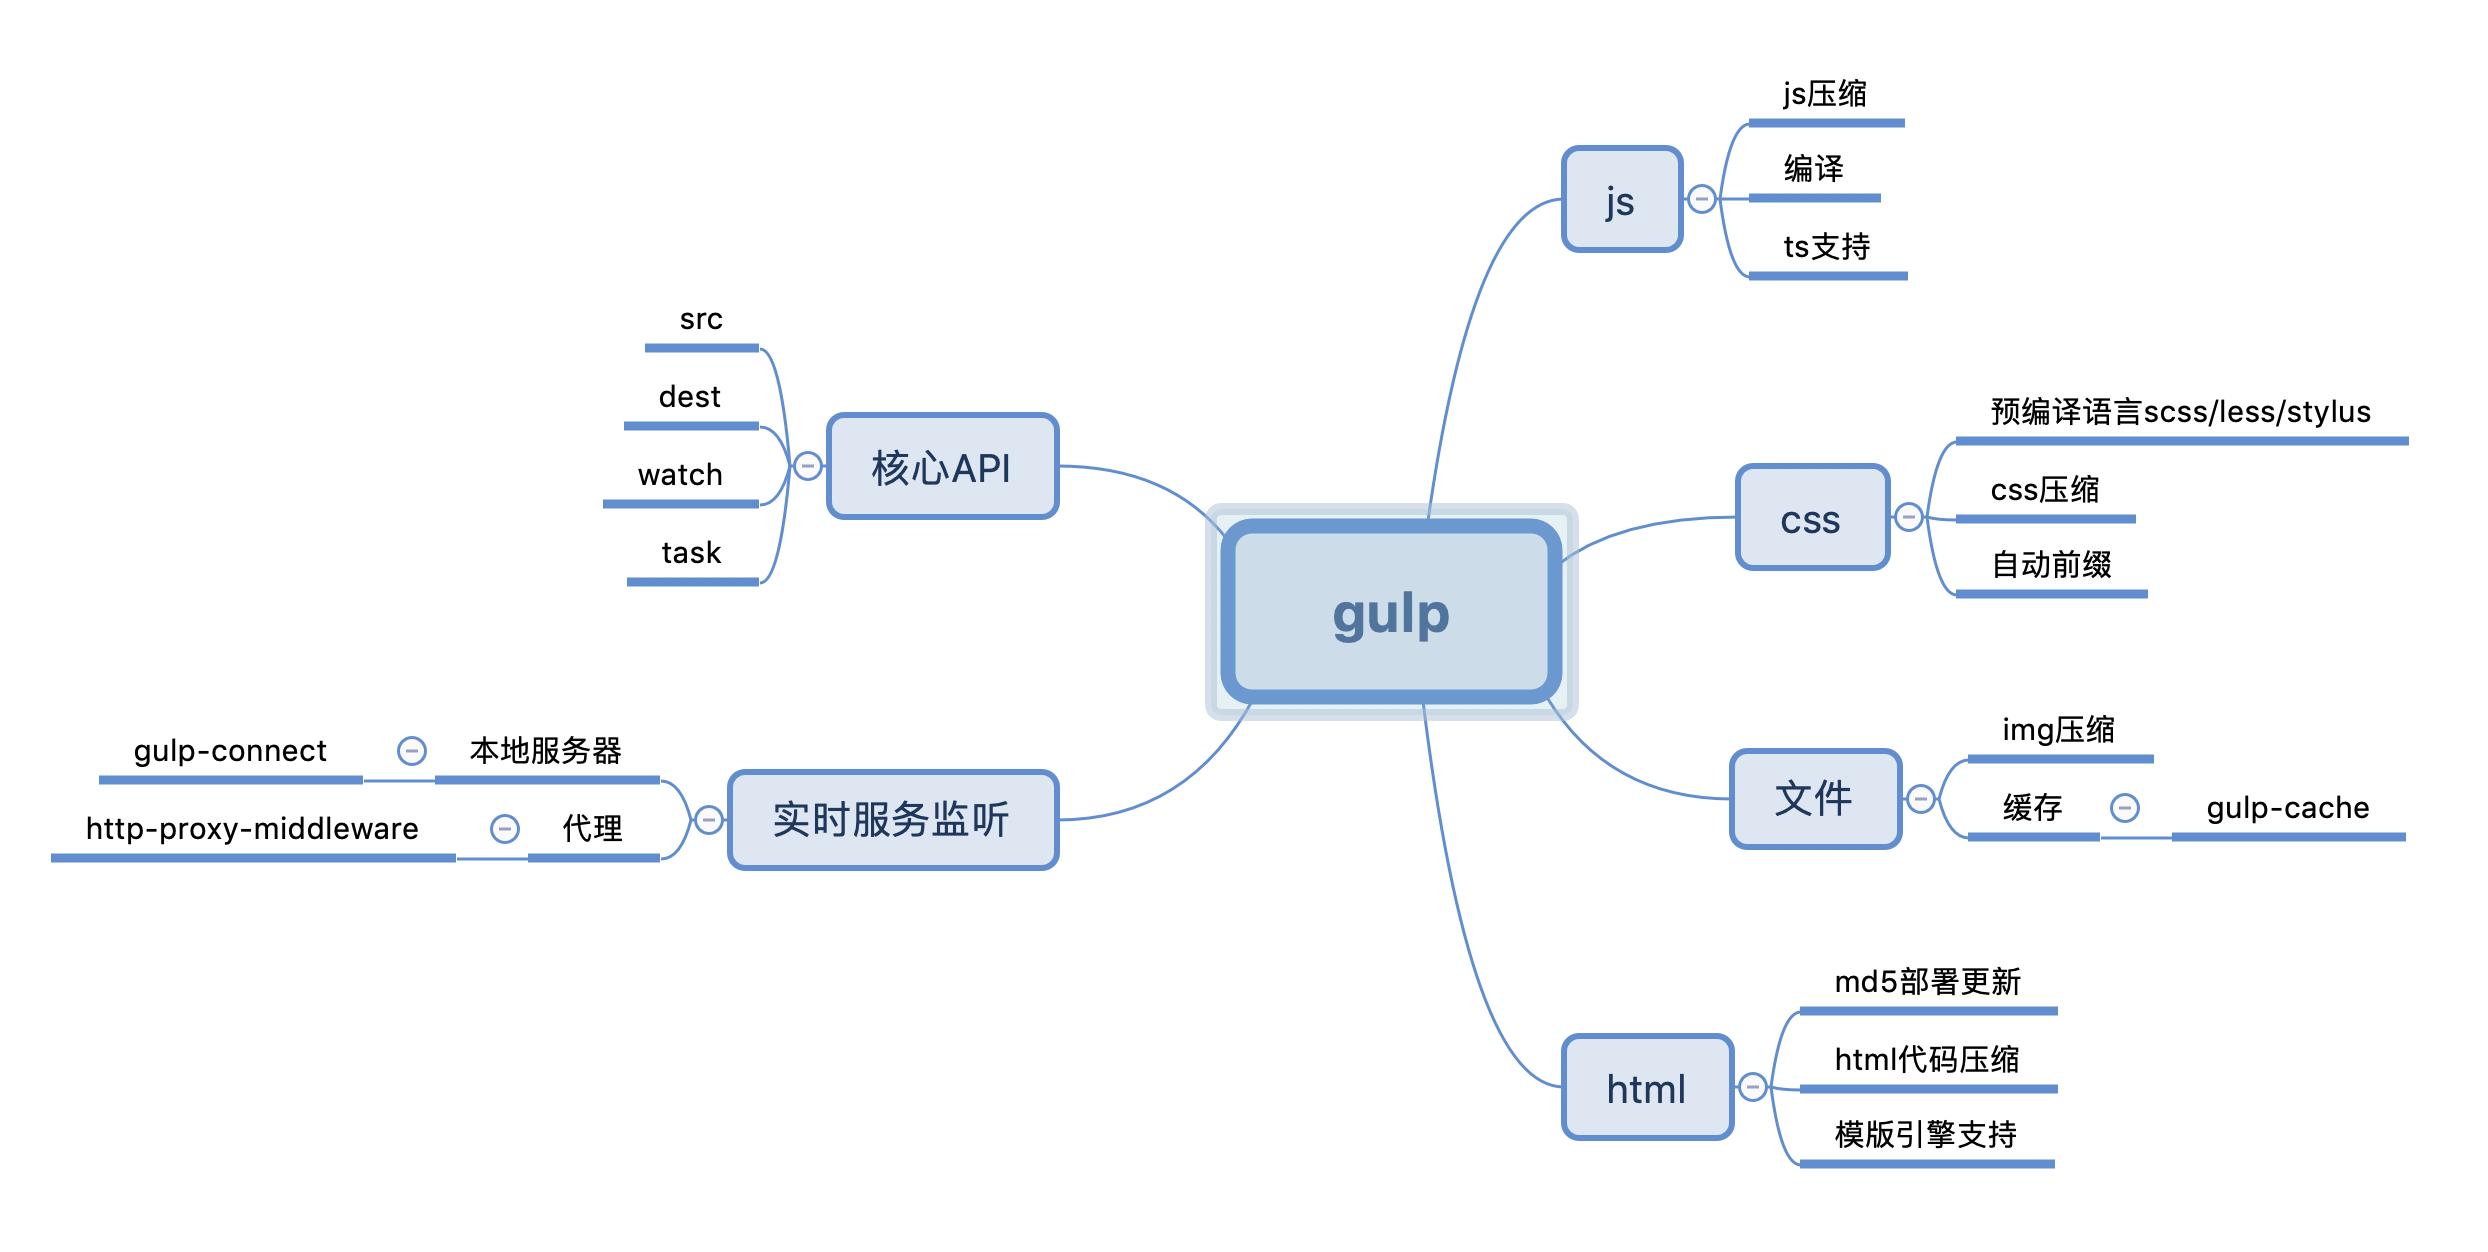 9012教你如何使用gulp4开发项目脚手架